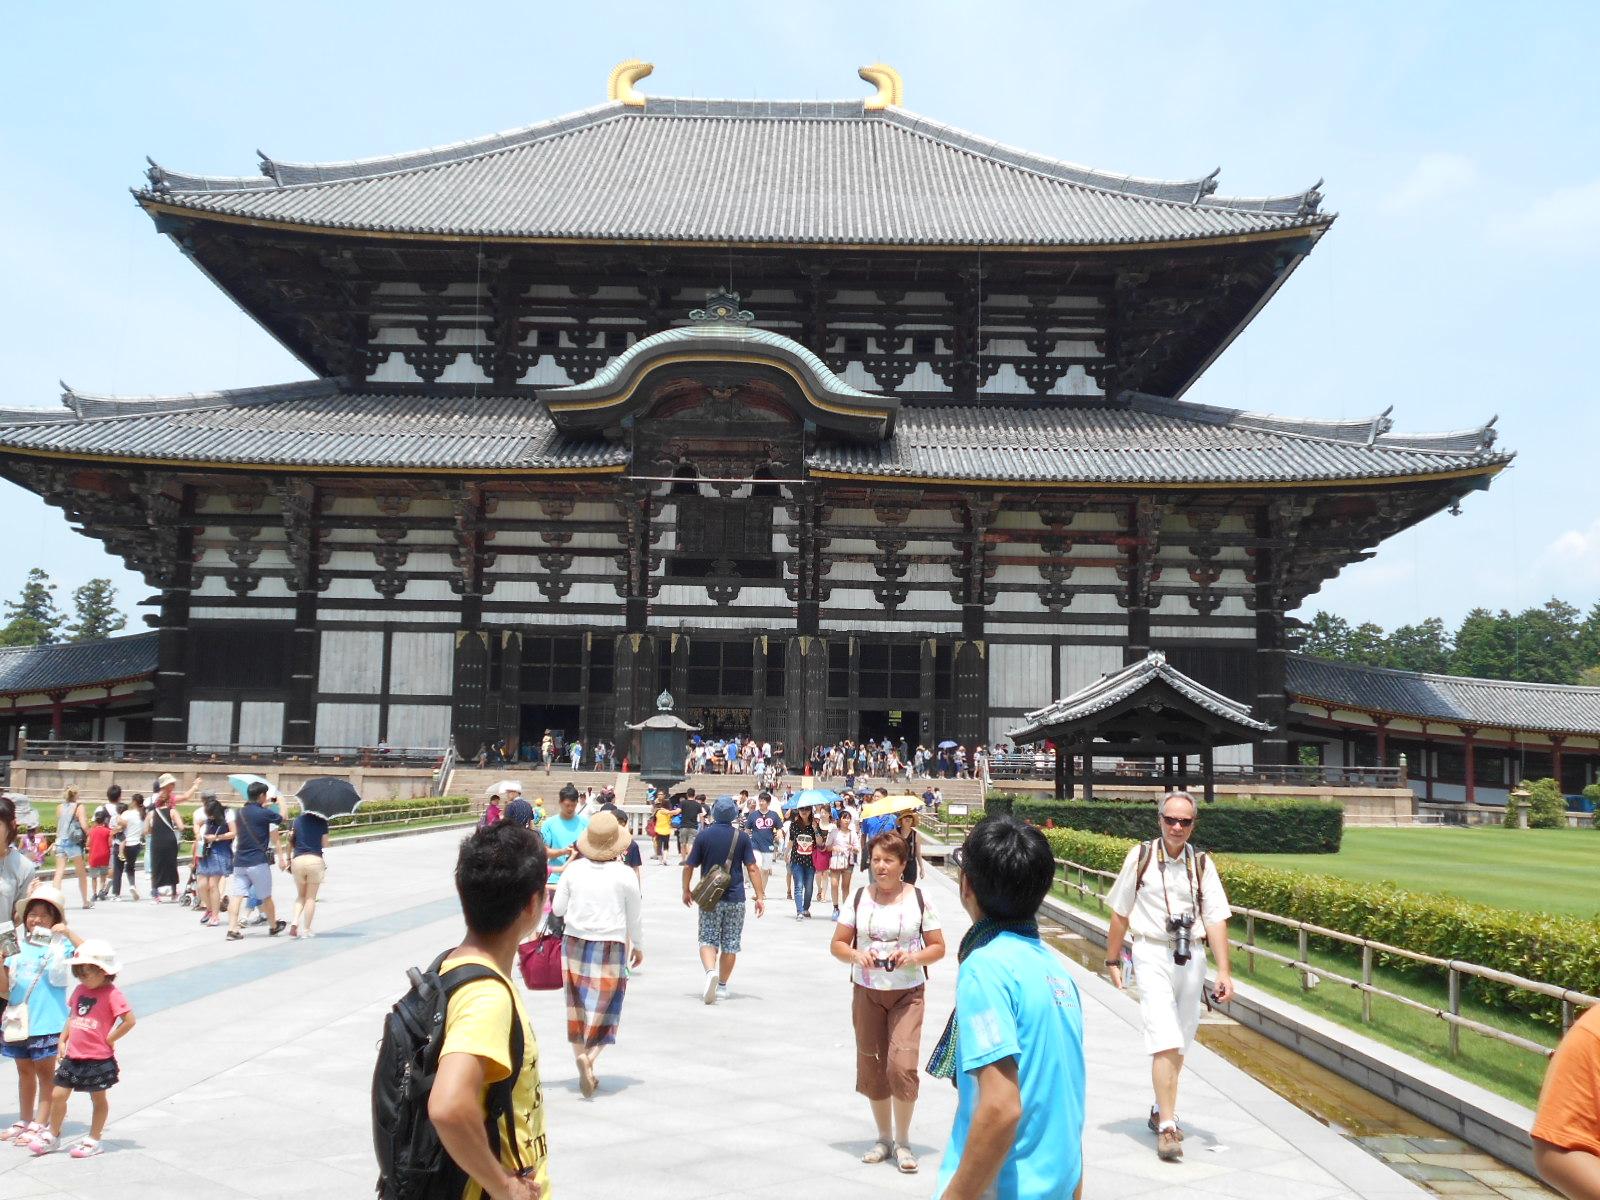 お盆休みに奈良に行ったお話し_b0189682_10505642.jpg